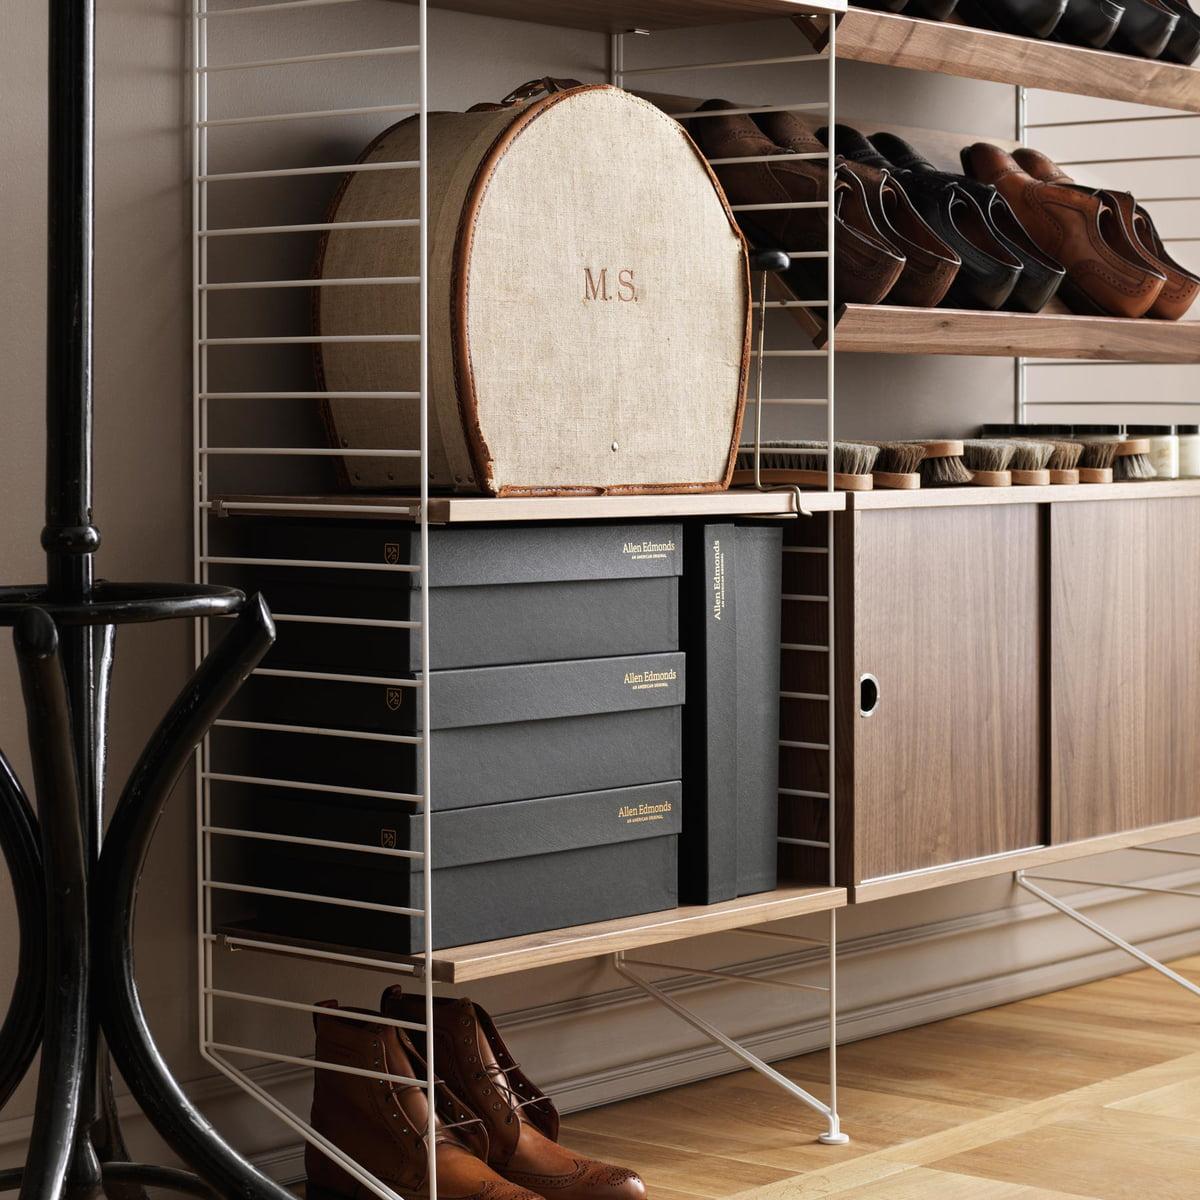 20 cm regalboden string kaufen. Black Bedroom Furniture Sets. Home Design Ideas